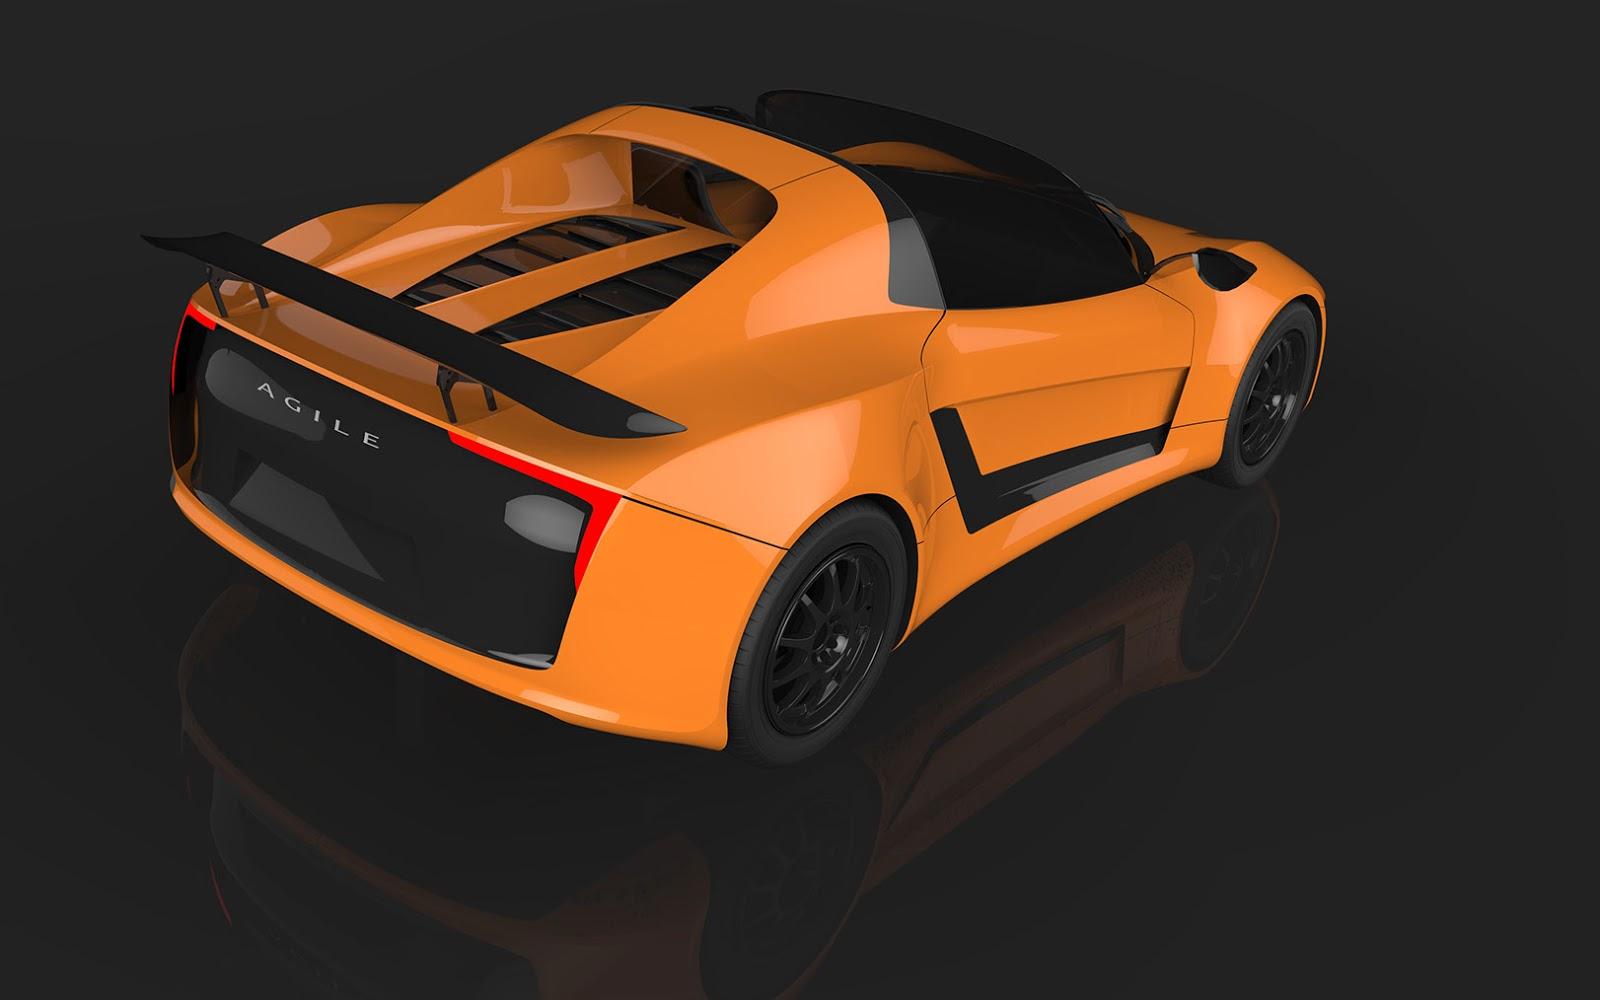 Agile Automotive's SC122